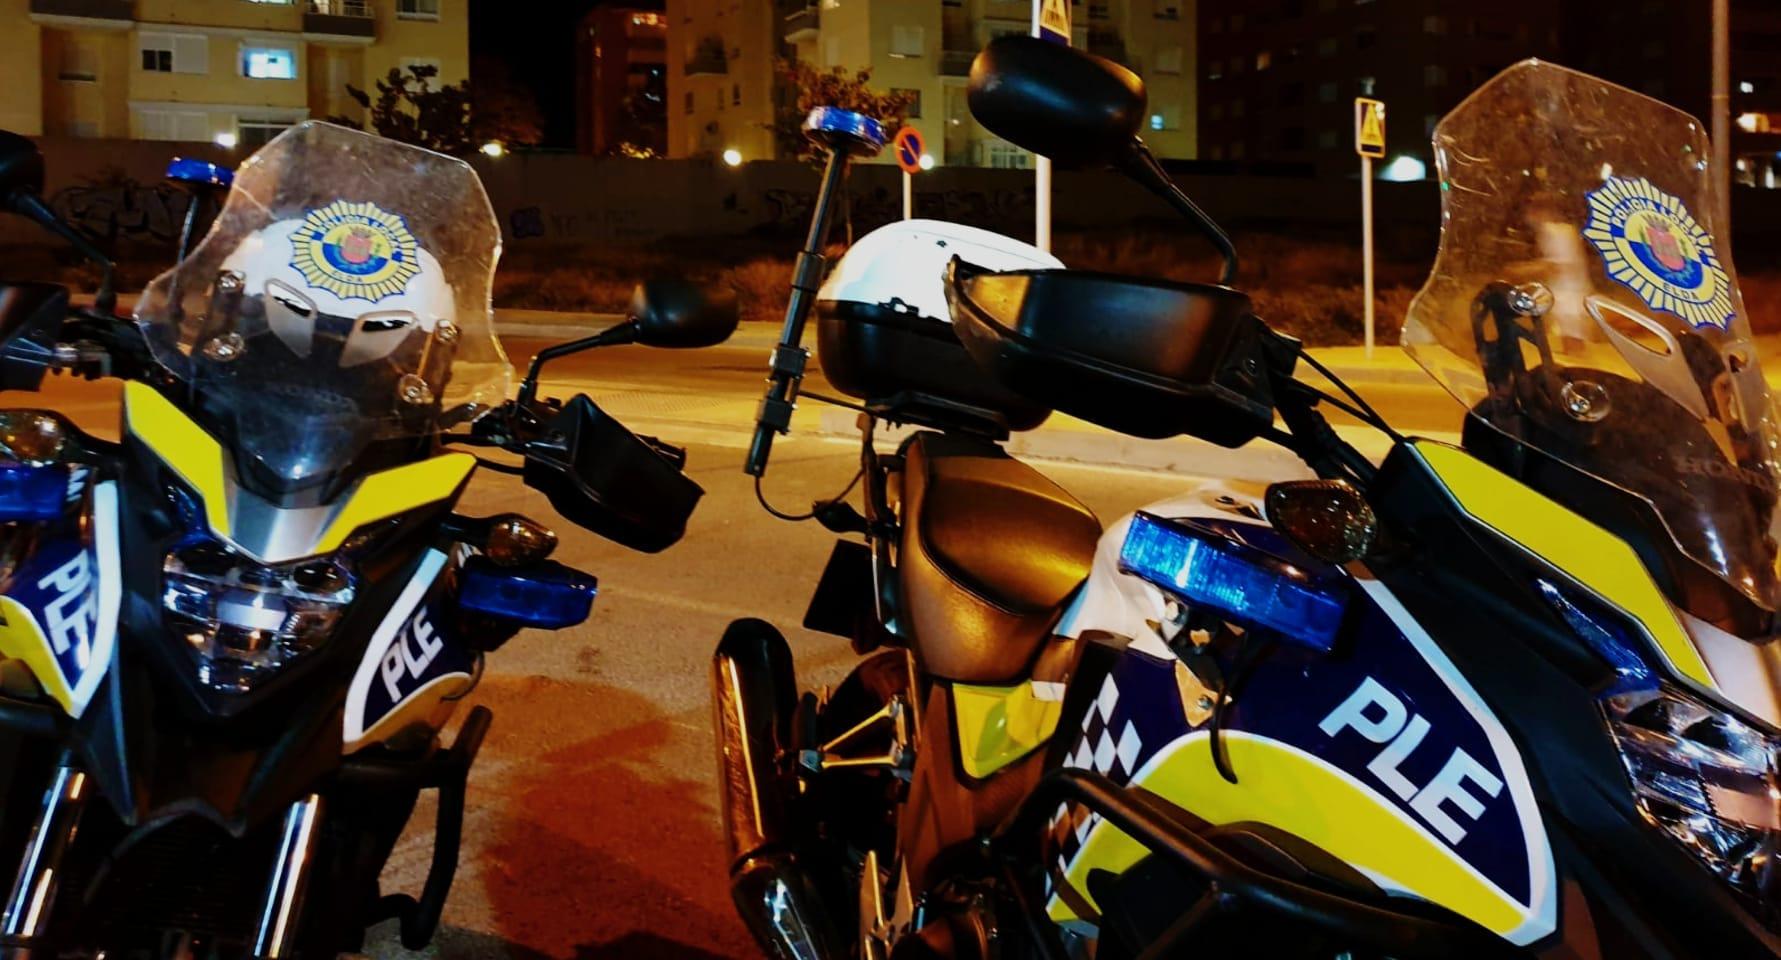 La Policía Local de Elda levanta 19 actas de sanción por infracciones relacionadas con el confinamiento y las medidas de seguridad durante la Nochevieja y primeros días del año